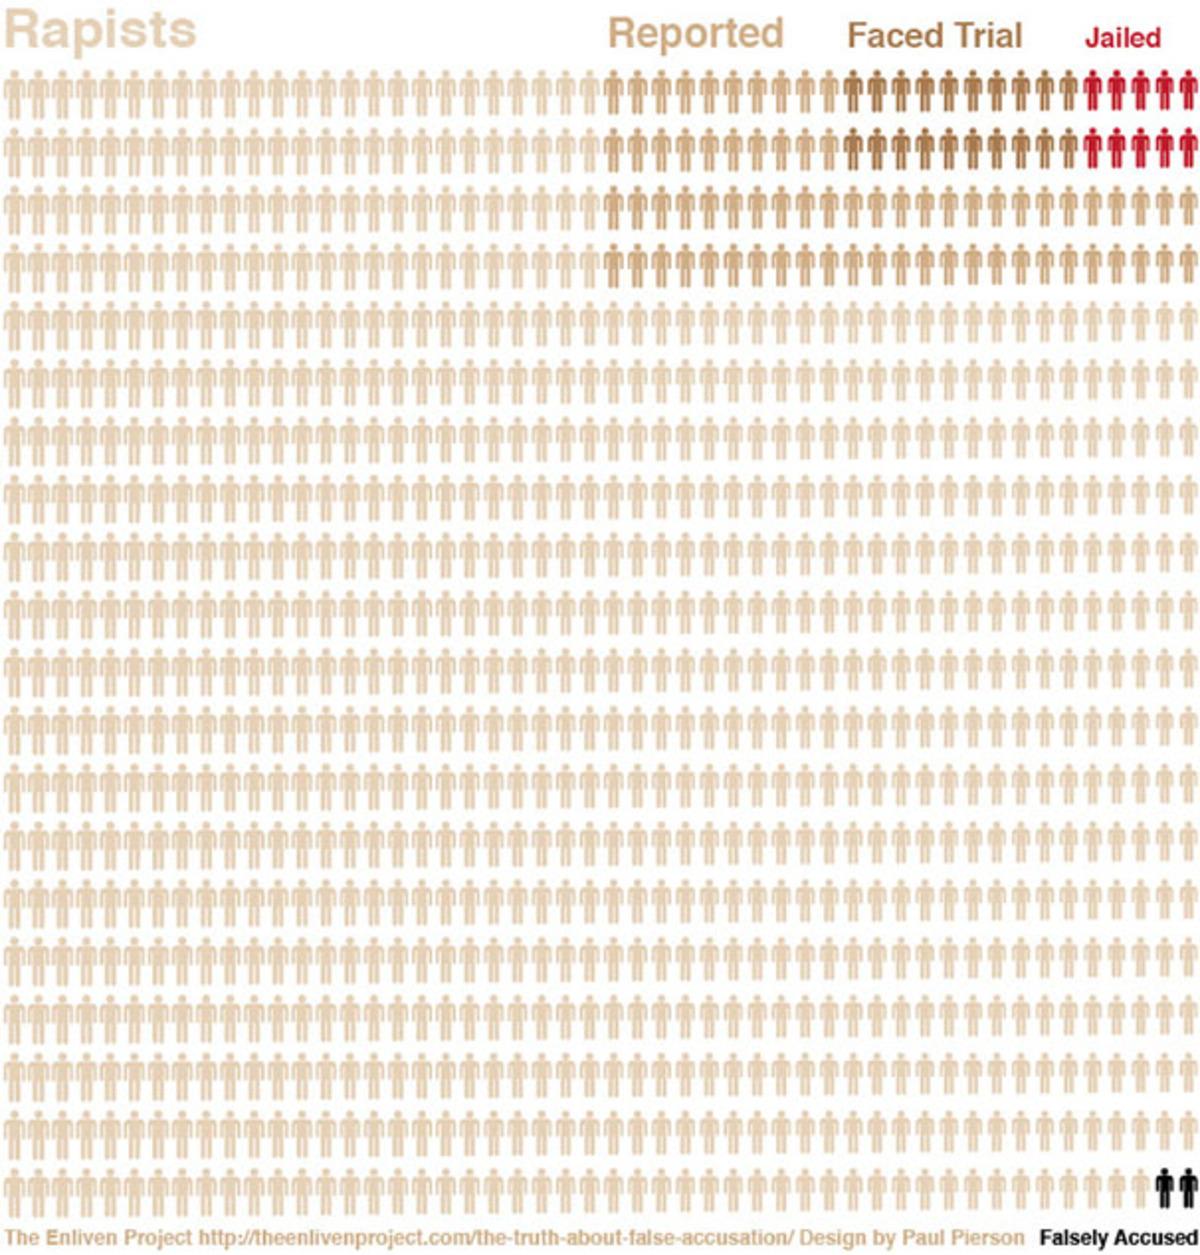 Το πιο θλιβερό γράφημα που έχετε δει ποτέ!   Newsit.gr